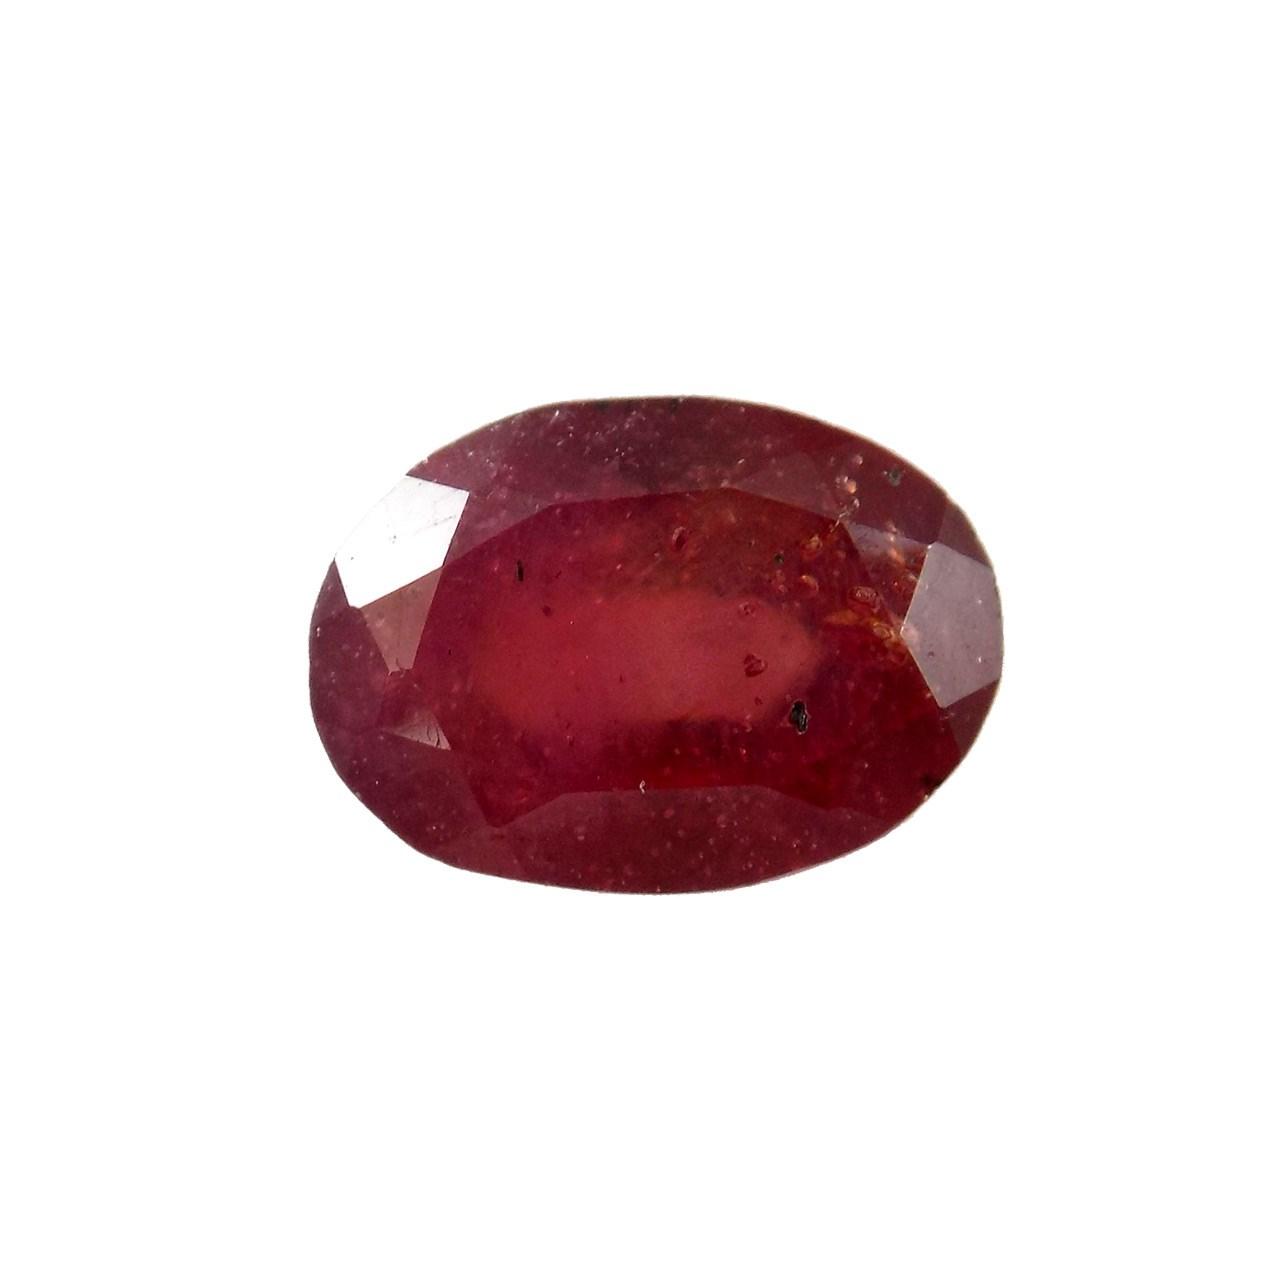 سنگ یاقوت سرخ تاج گوهر کد TG196